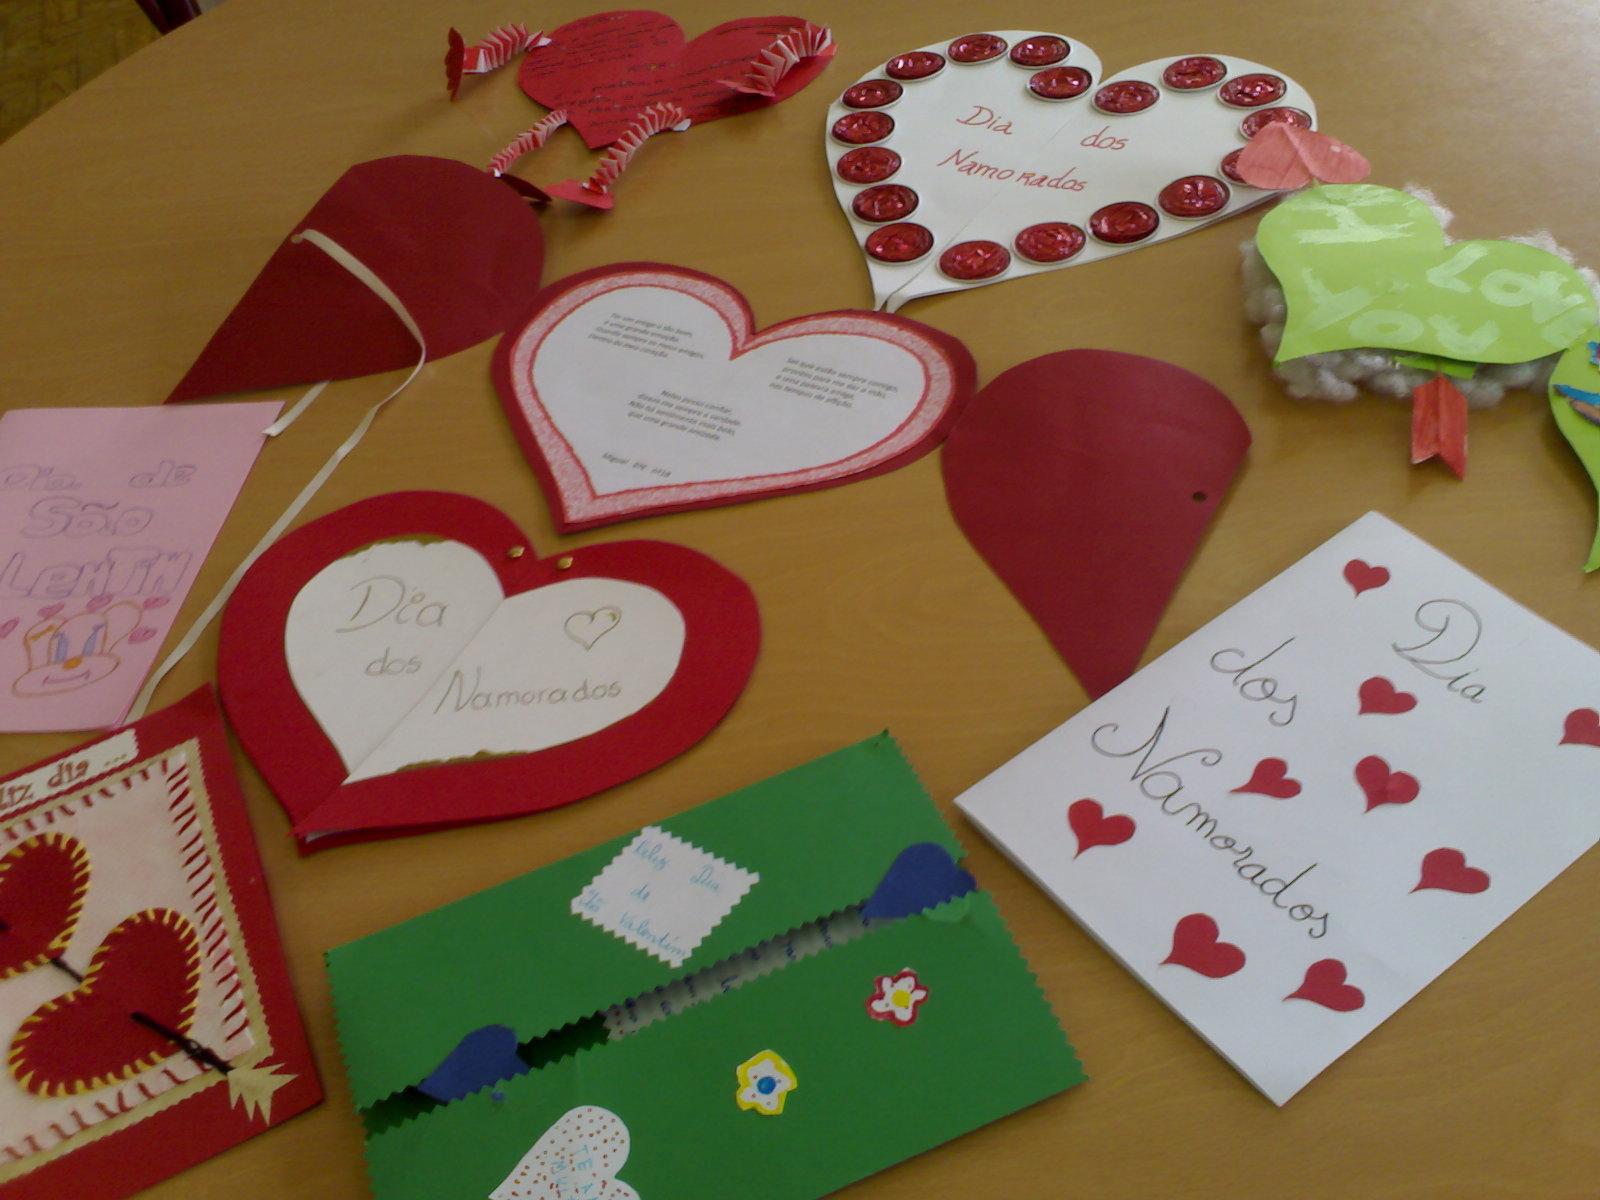 Dia Dos Namorados: Beaepas: Os Melhores Postais Do Dia Dos Namorados